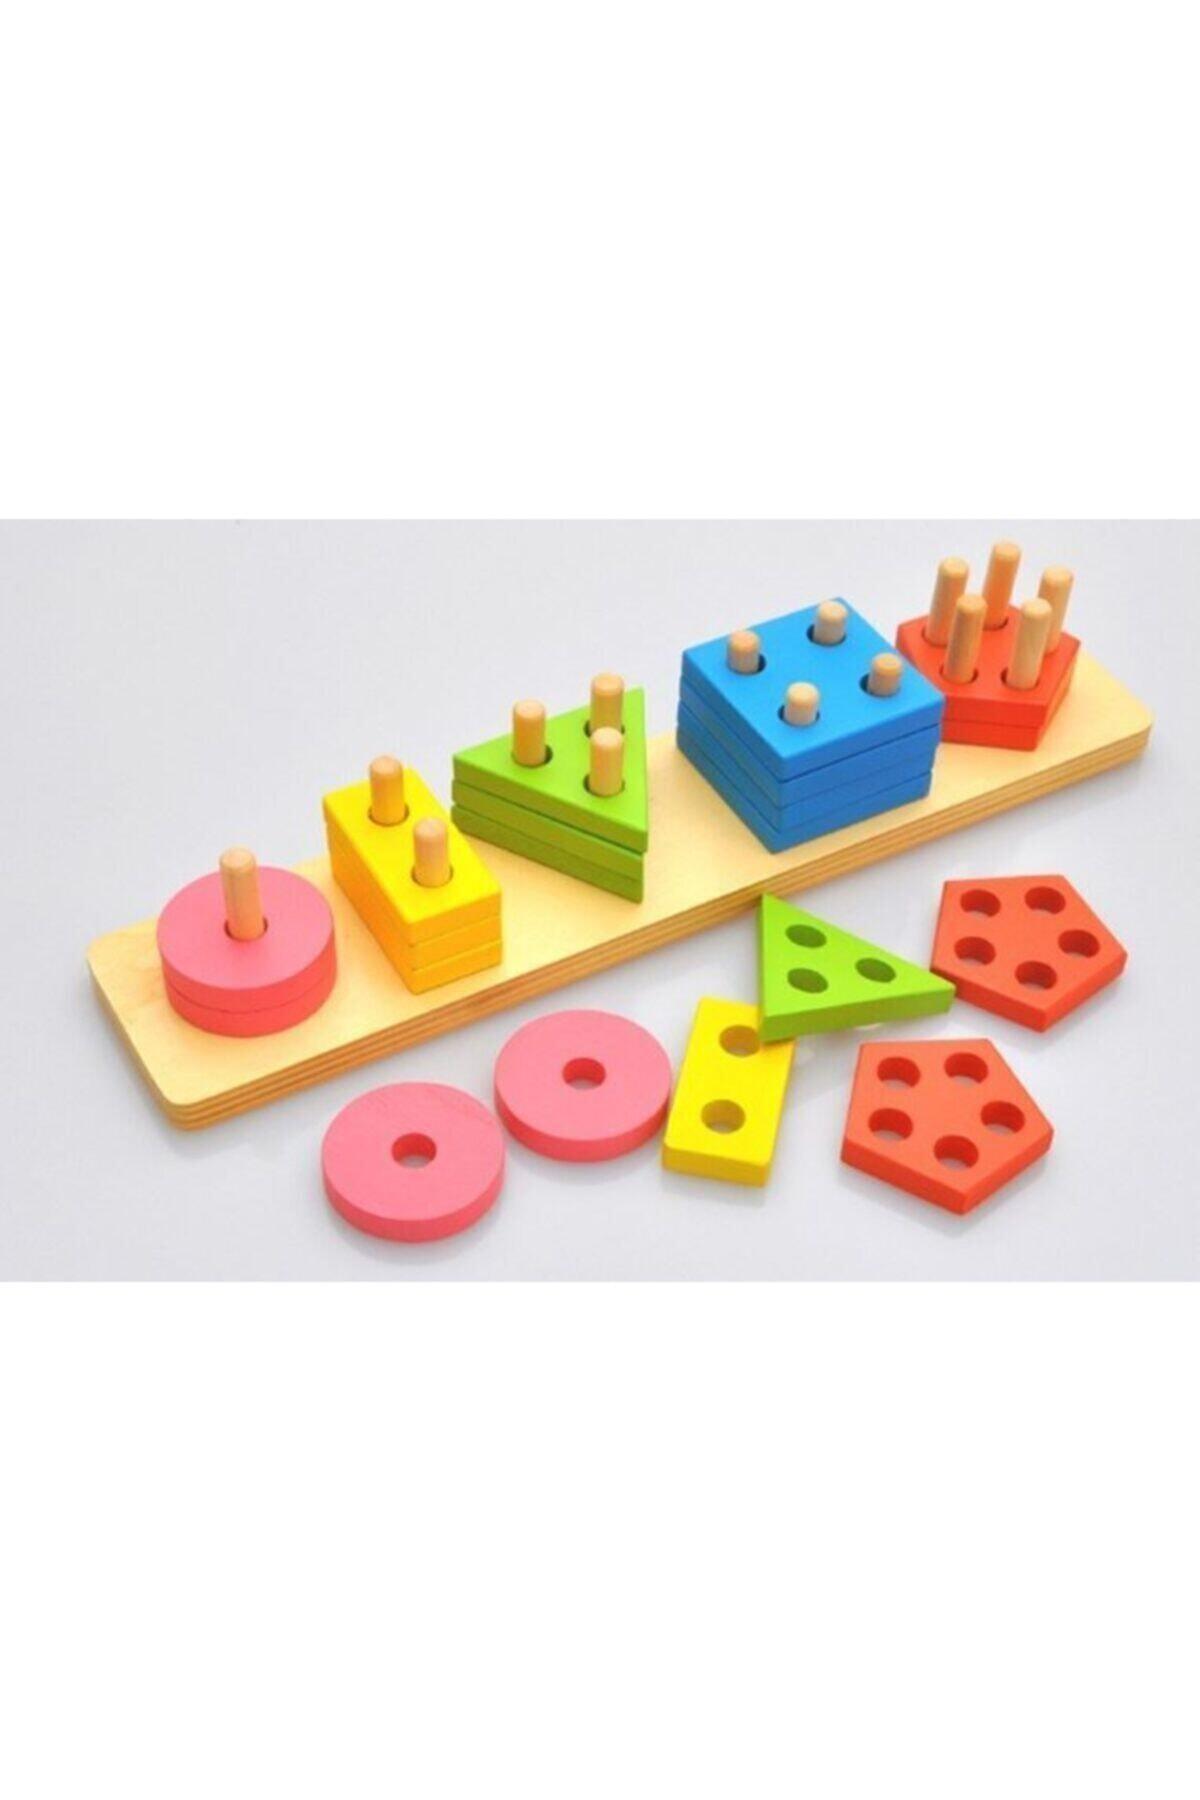 SİNKA Ahşap Eğitici 5'li Geometrik Şekil Yerleştirme Bultak Oyunu 1